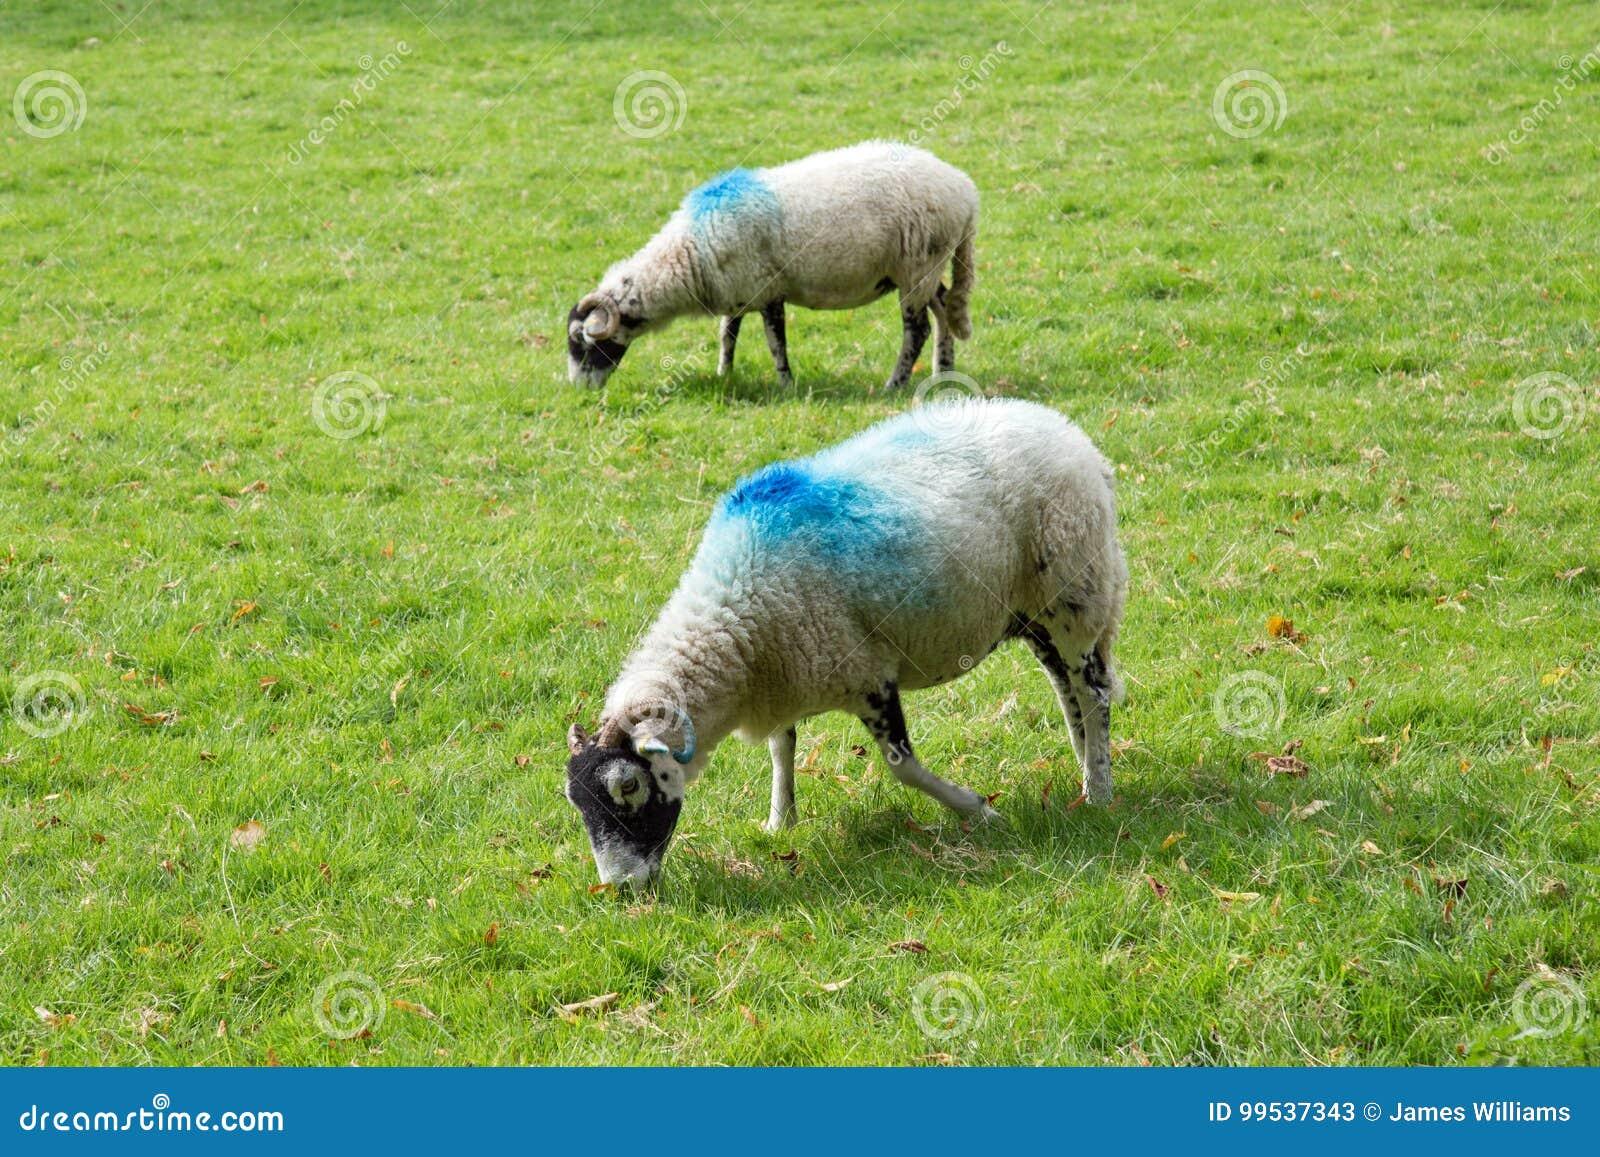 与蓝色油漆标记的白羊